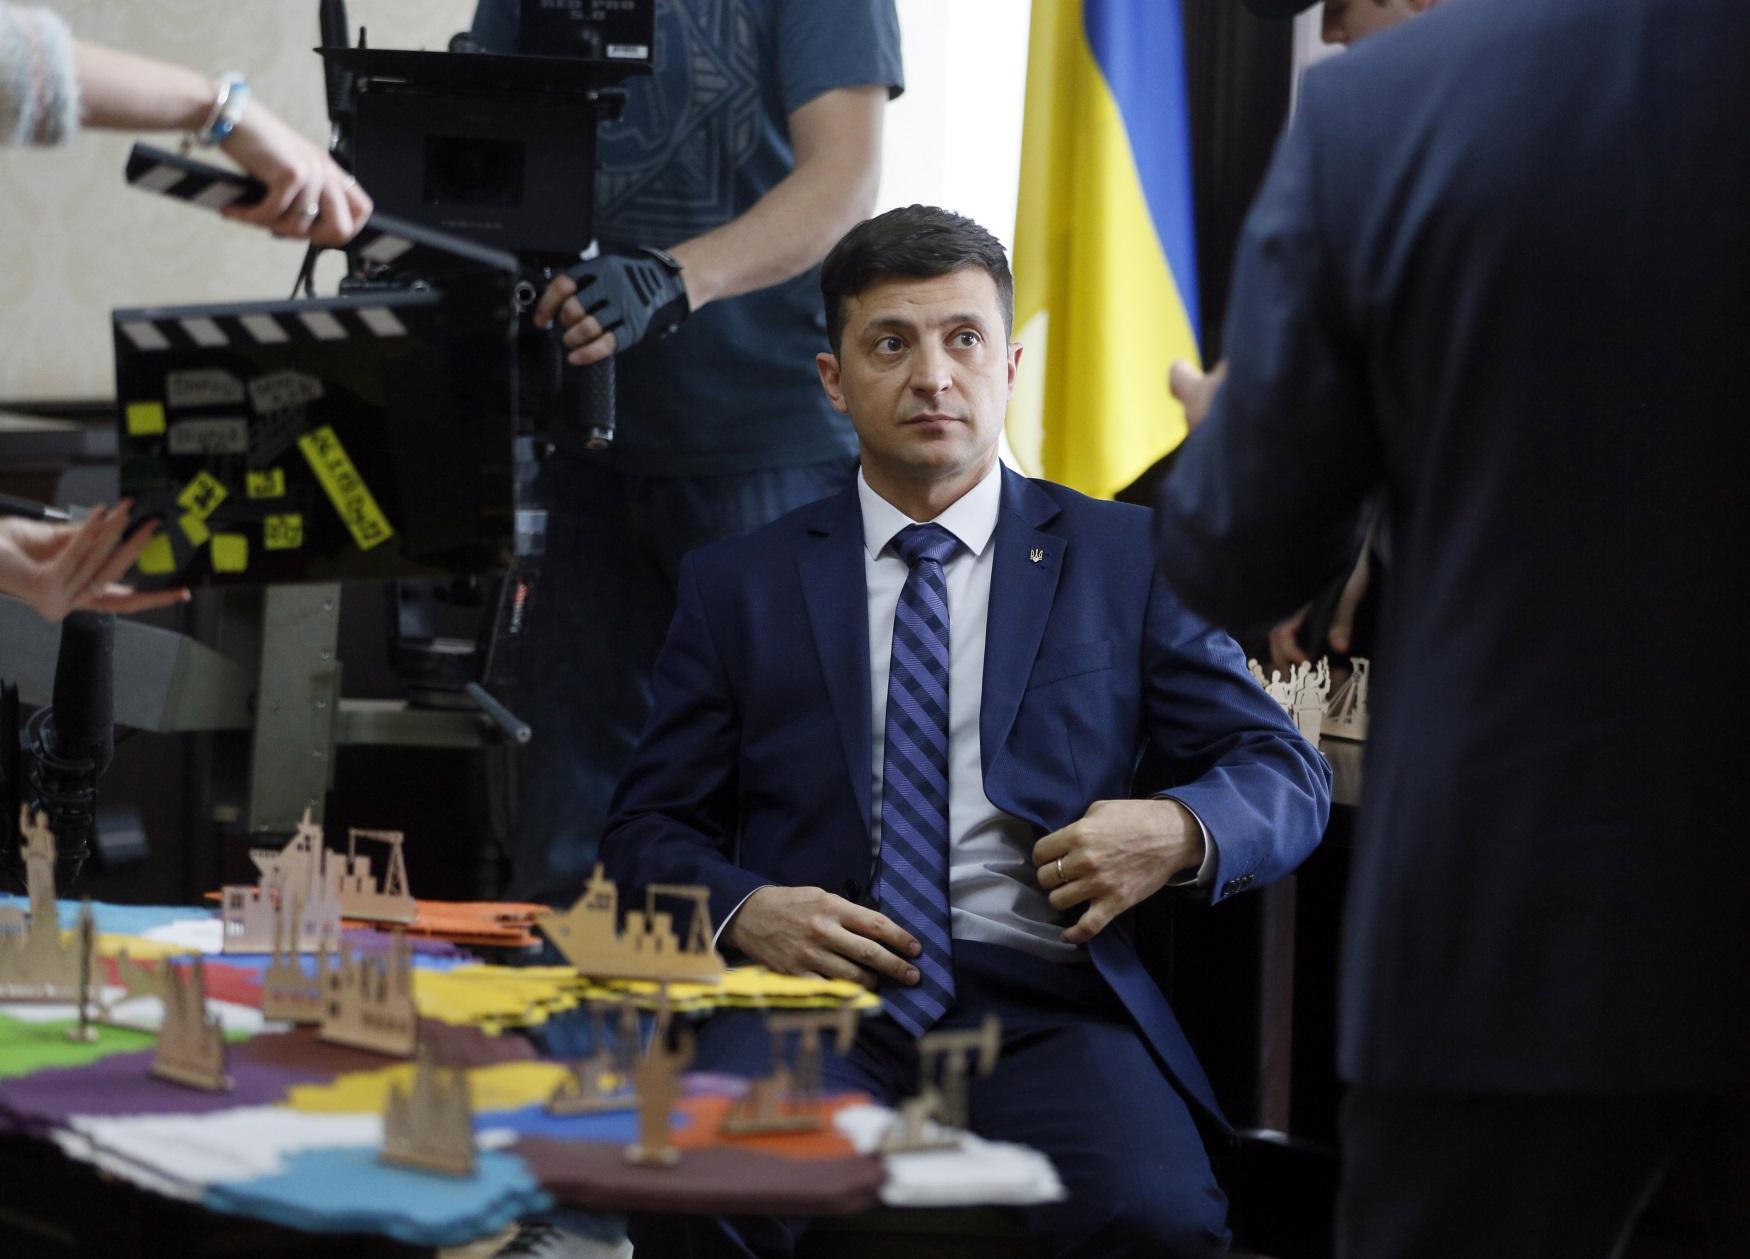 Volodymyr Zelenskyj při natáčení svého televizního pořadu, ve kterém hraje fiktivního ukrajinského prezidenta. Na toho skutečného nyní kandiduje